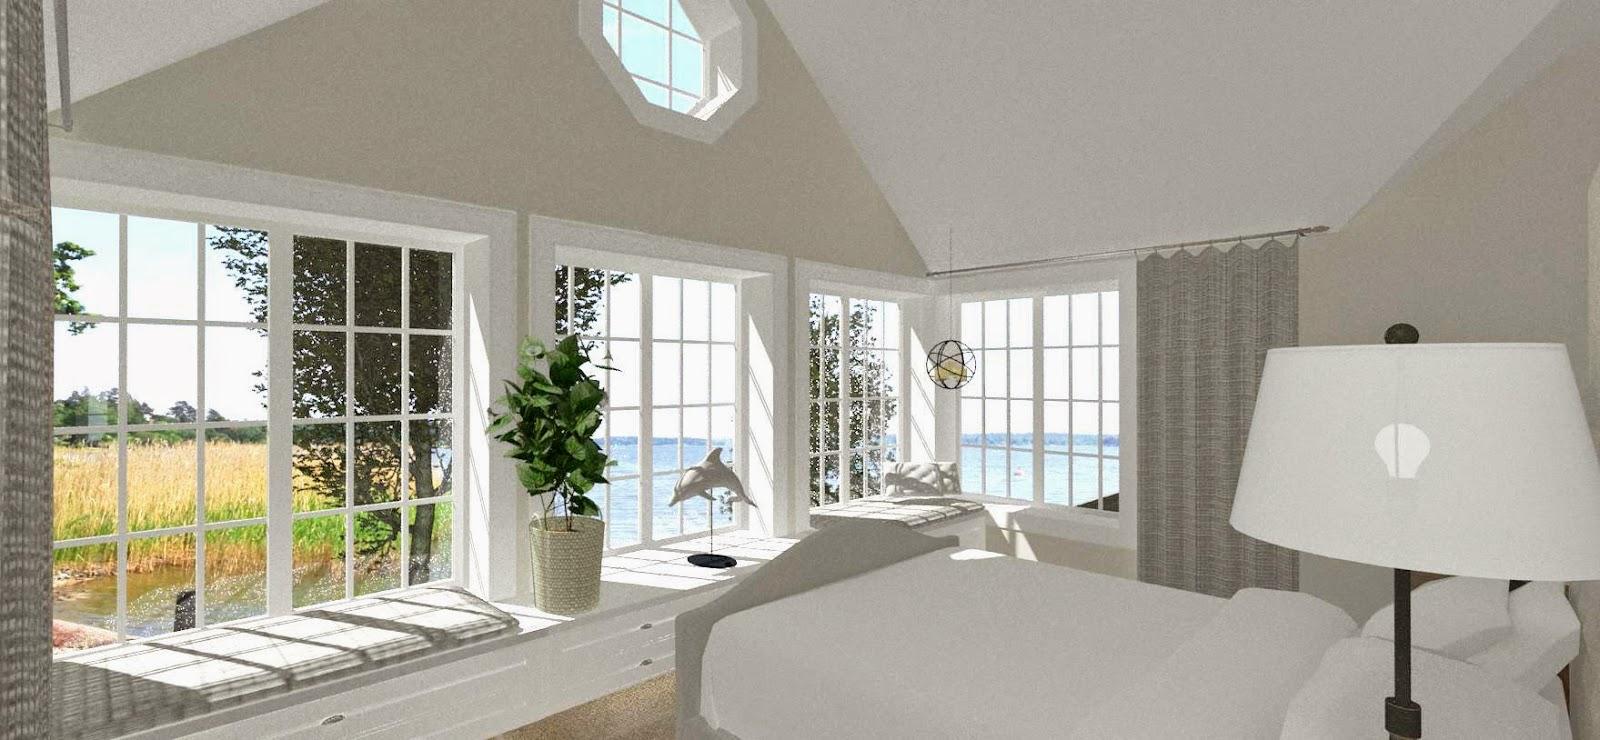 Dreams & coffees arkitekt  och projektblogg: ett new england hus ...